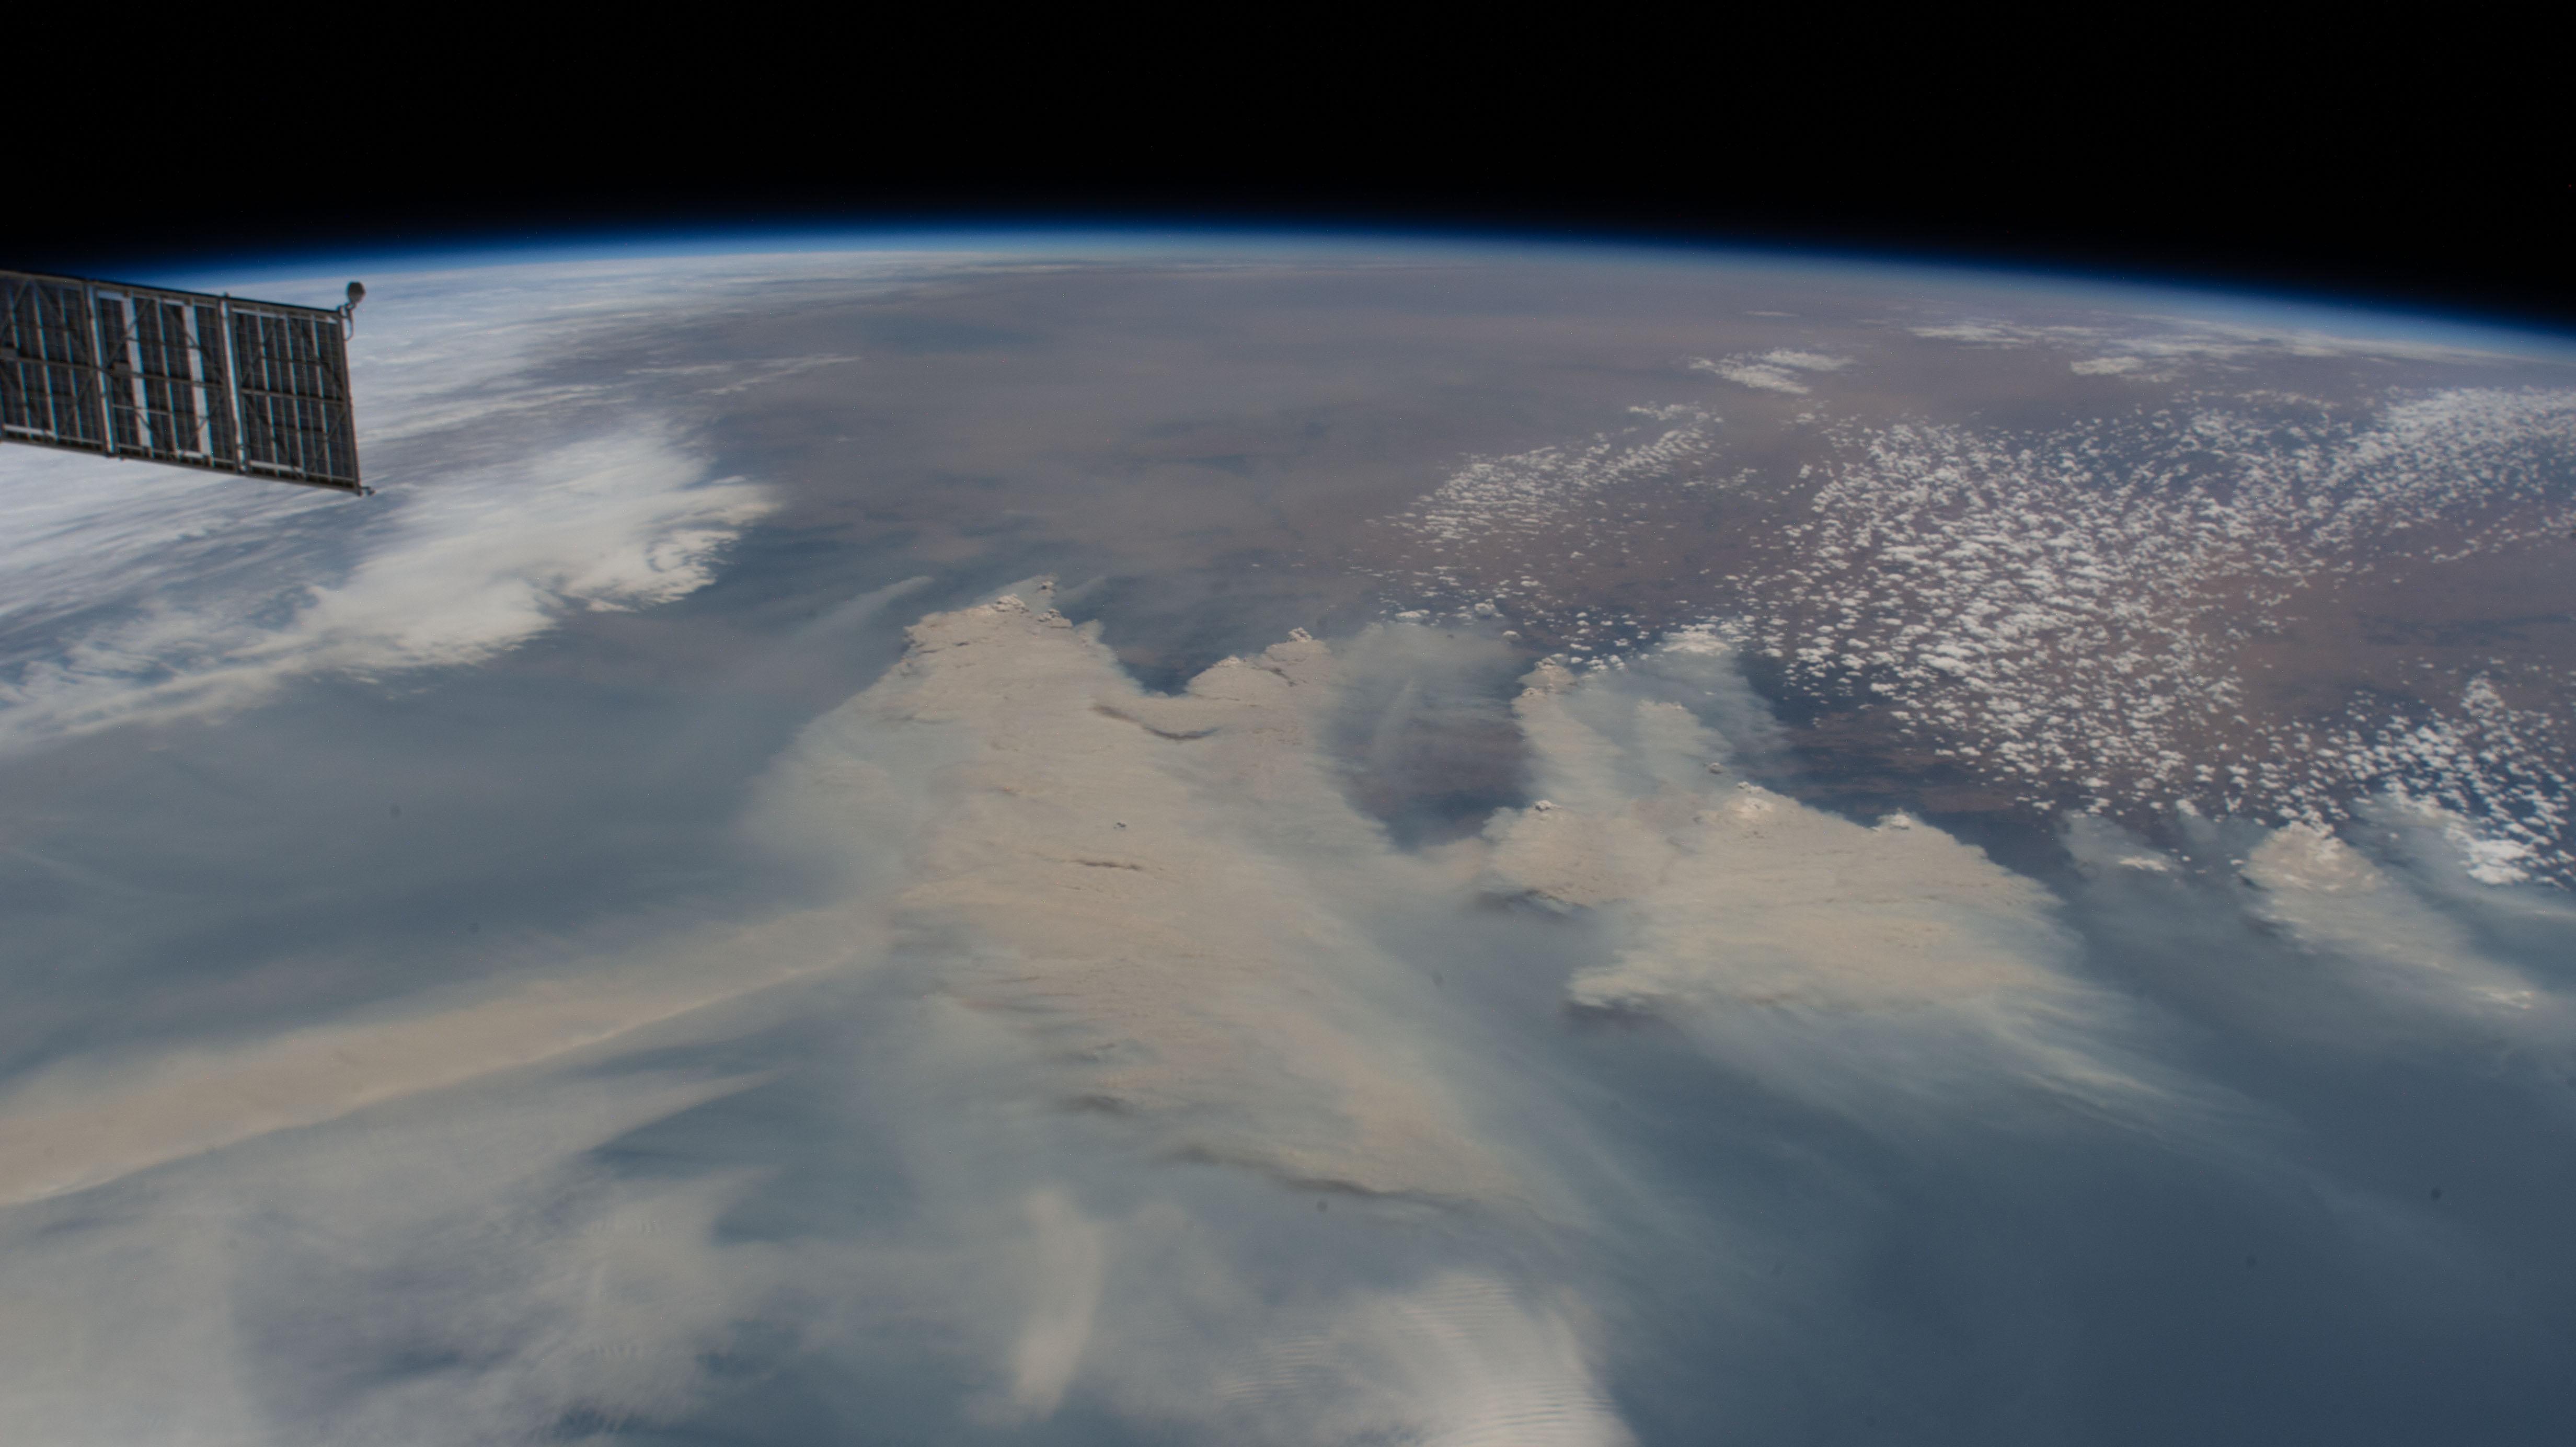 El humo de los incendios forestales cubre la costa sureste de Australia mientras la Estación Espacial Internacional orbitaba el pasado 4 de enero a 269 millas sobre el mar de Tasmania. NASA.